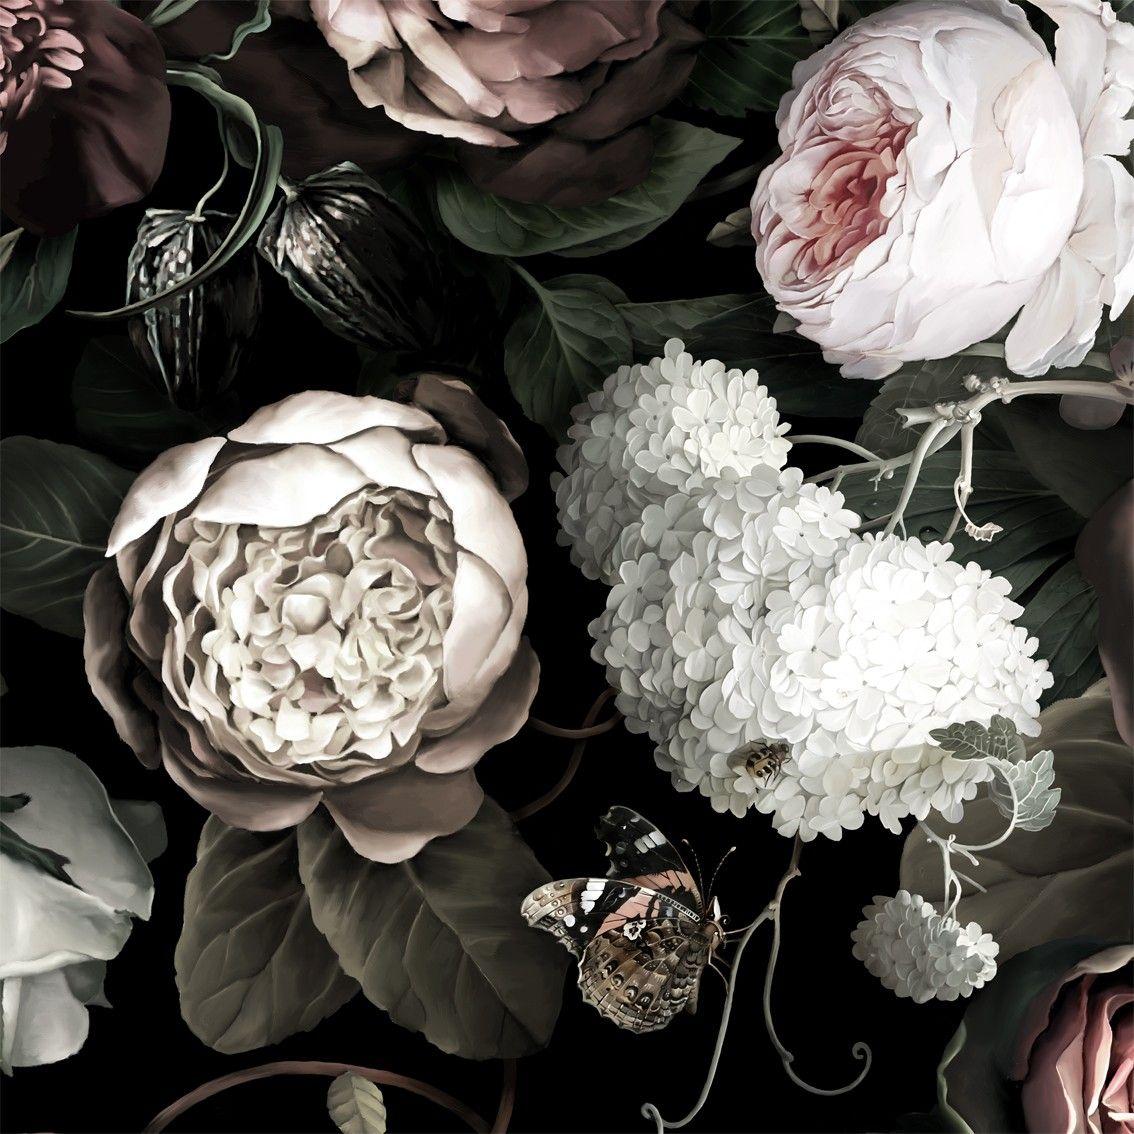 黒花のデスクトップの背景 黒と白の花の壁紙 1134x1134 Wallpapertip